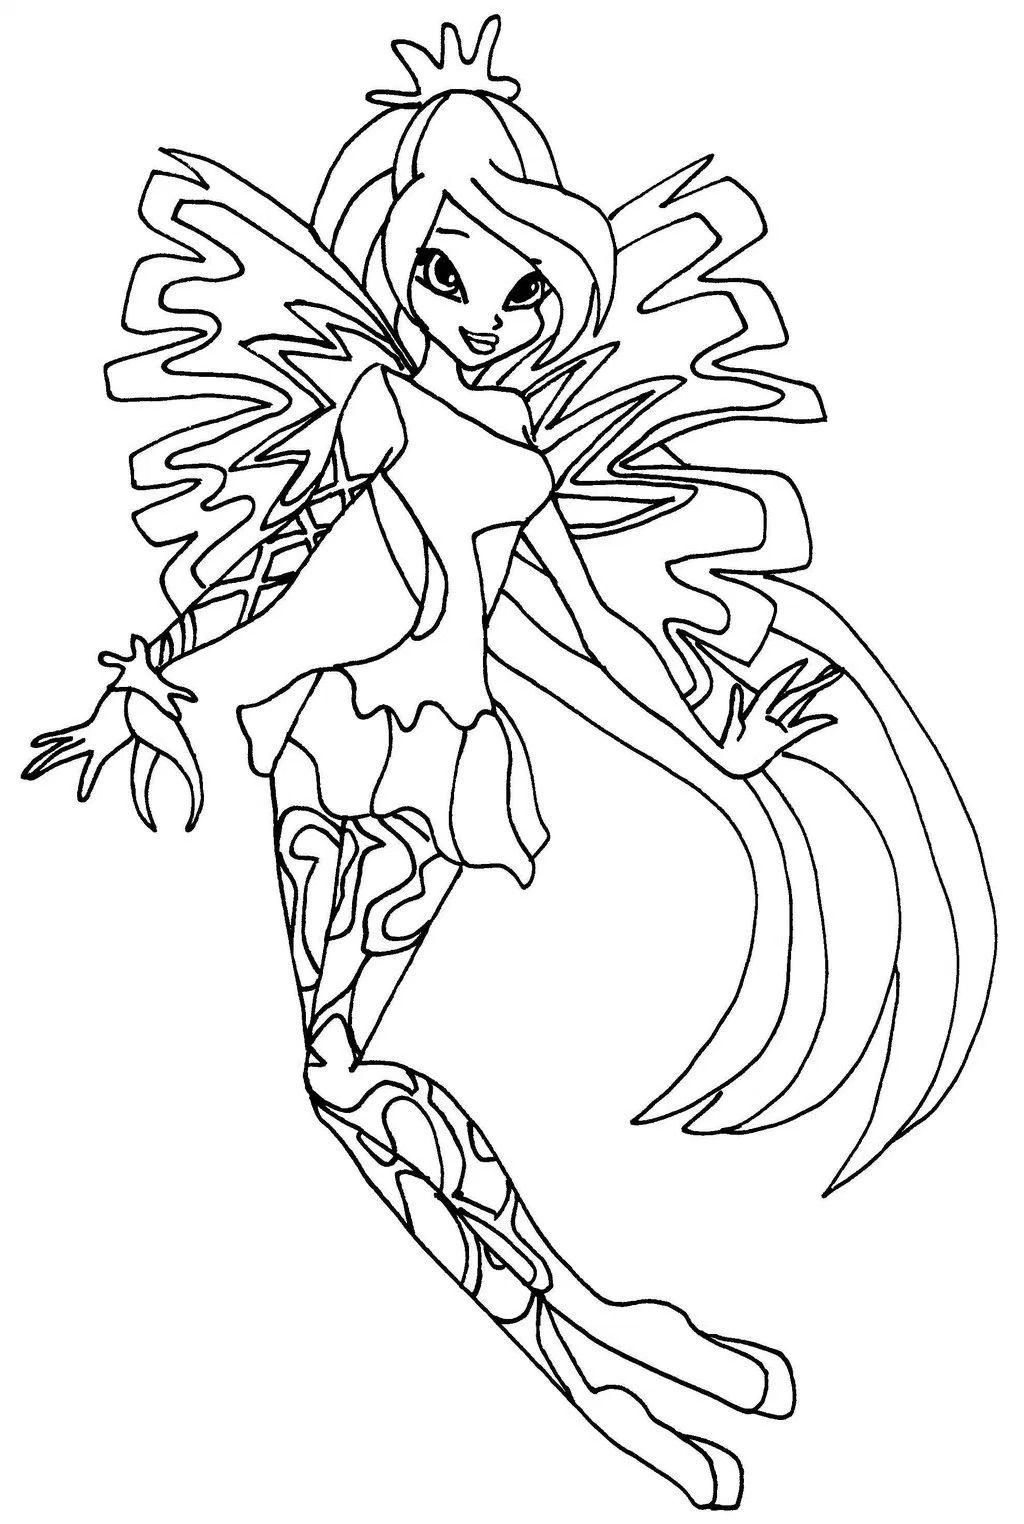 Tranh Tô Màu Công Chúa Phép Thuật Winx - Bloom 61